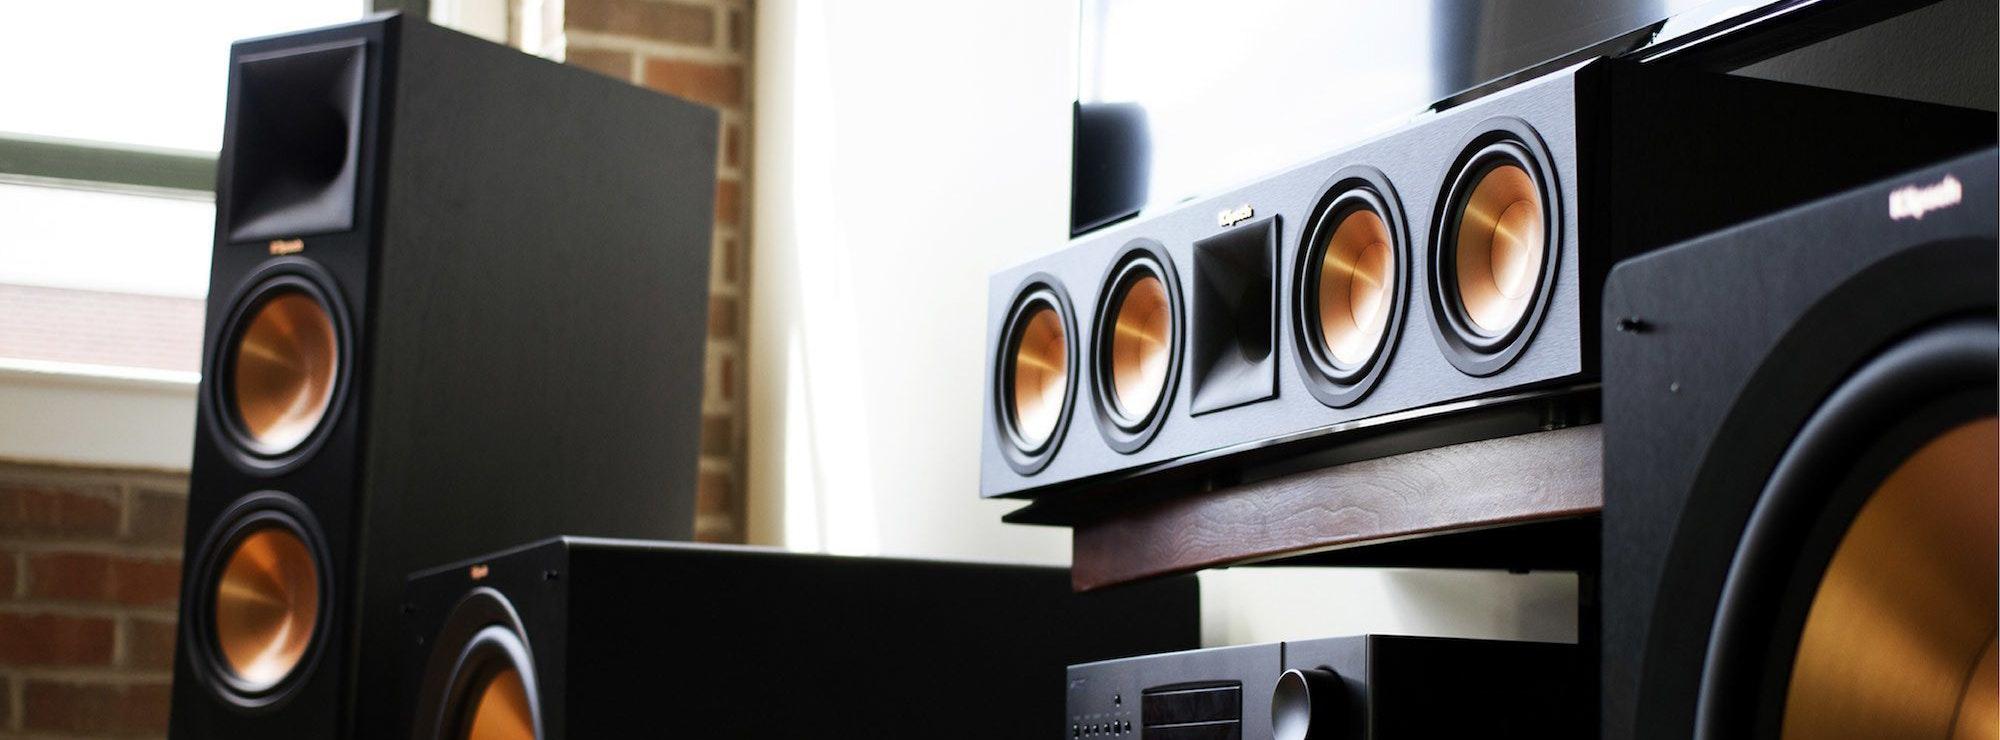 Klipsch surround sound speakers